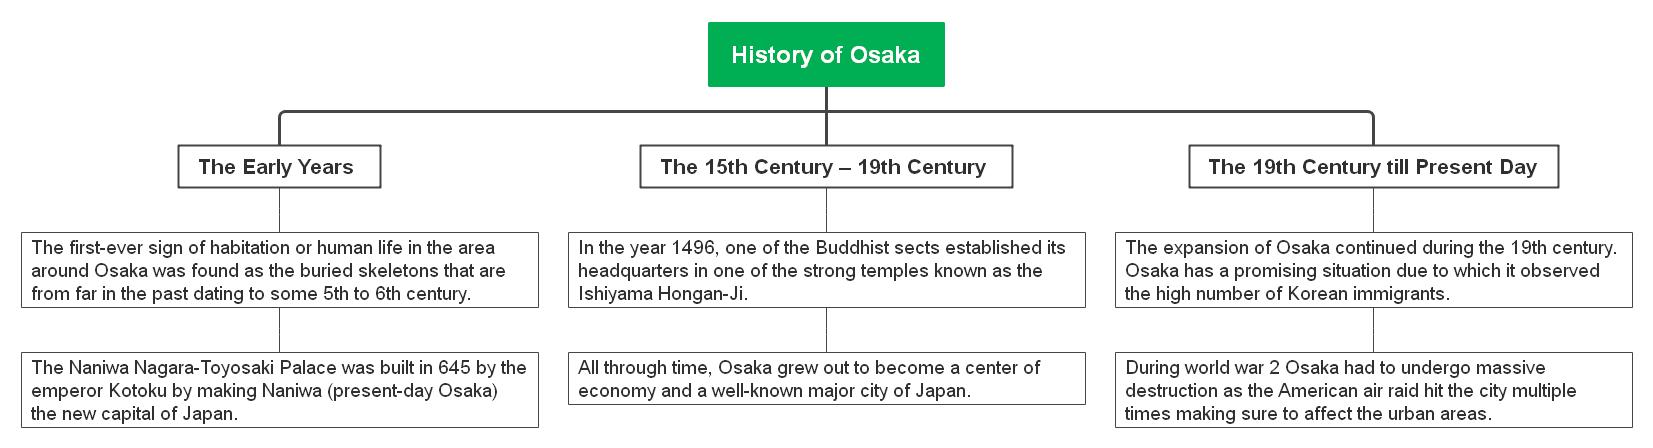 history-of-osaka